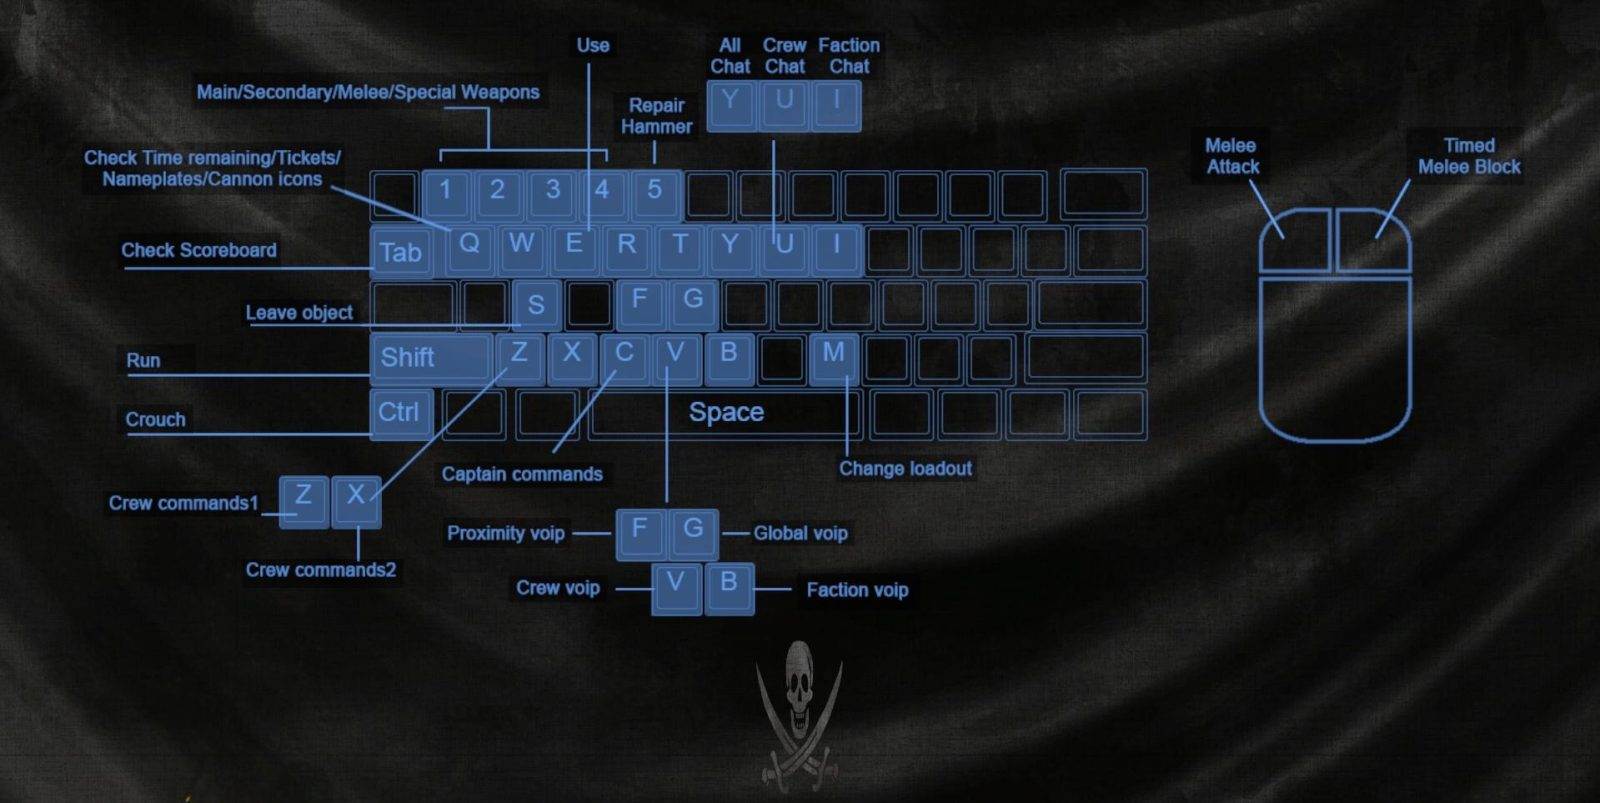 blackwake pc controls  u0026 key bindings guide   mgw  game